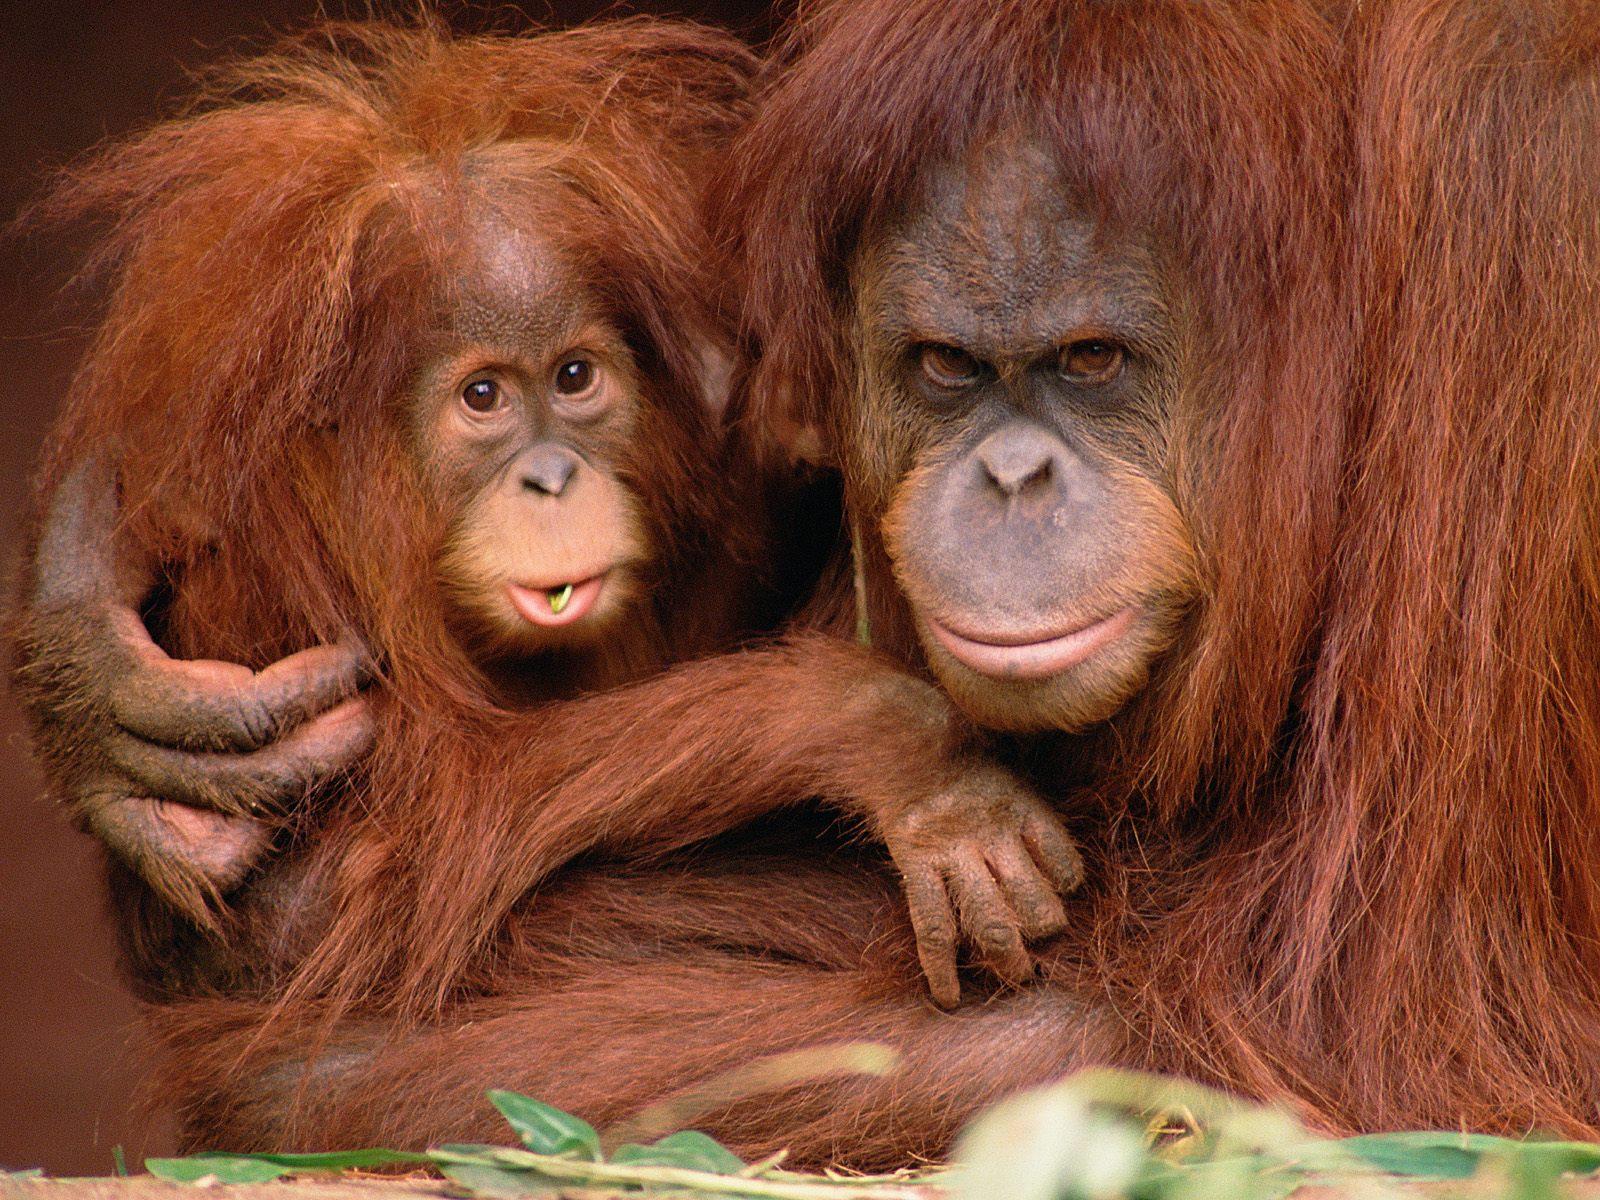 Картинки двух обезьян смешные